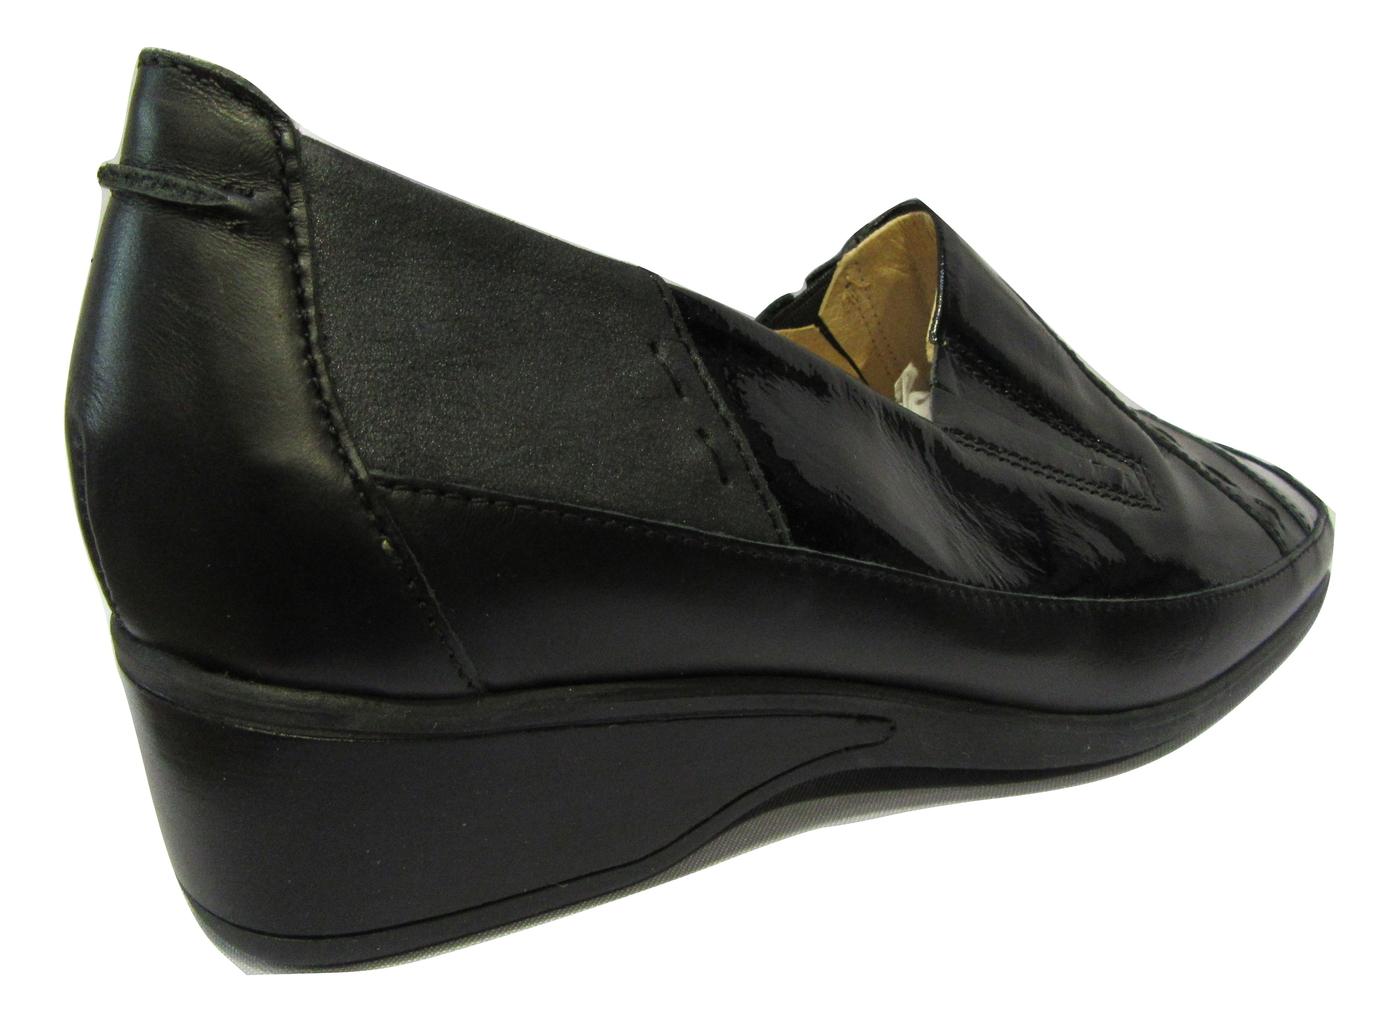 Chaussure confort/pieds sensibles cuir LUXAT noir talon anti chocs